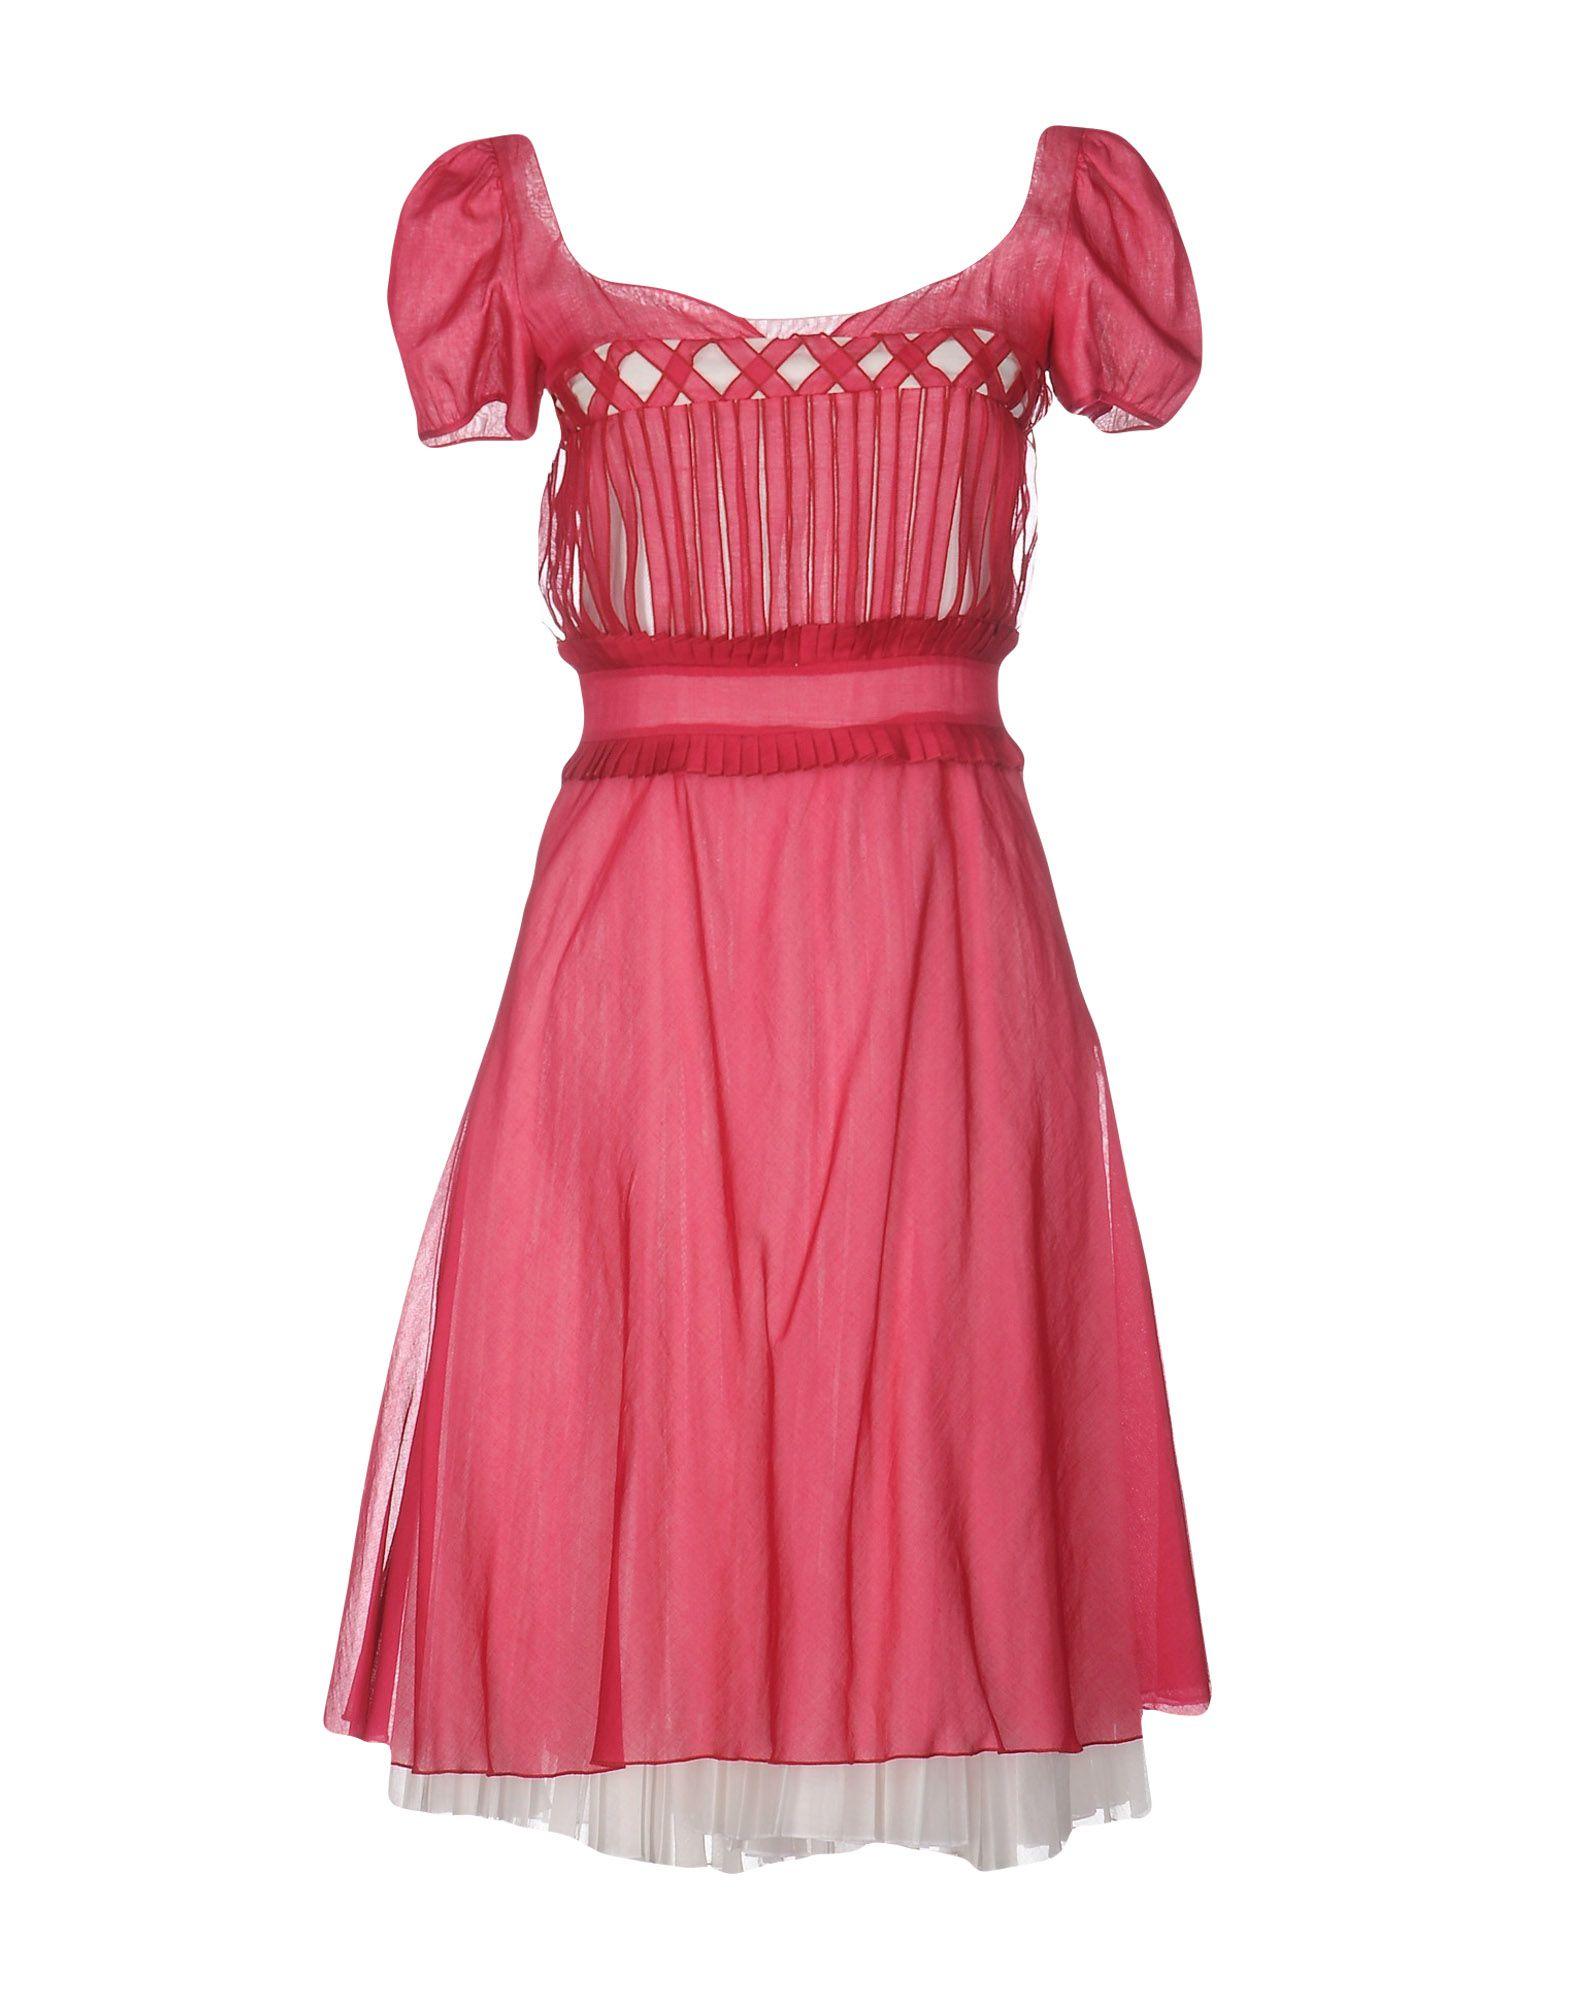 VITO ADDADI Платье до колена платье фирмы vito в интернет магазине